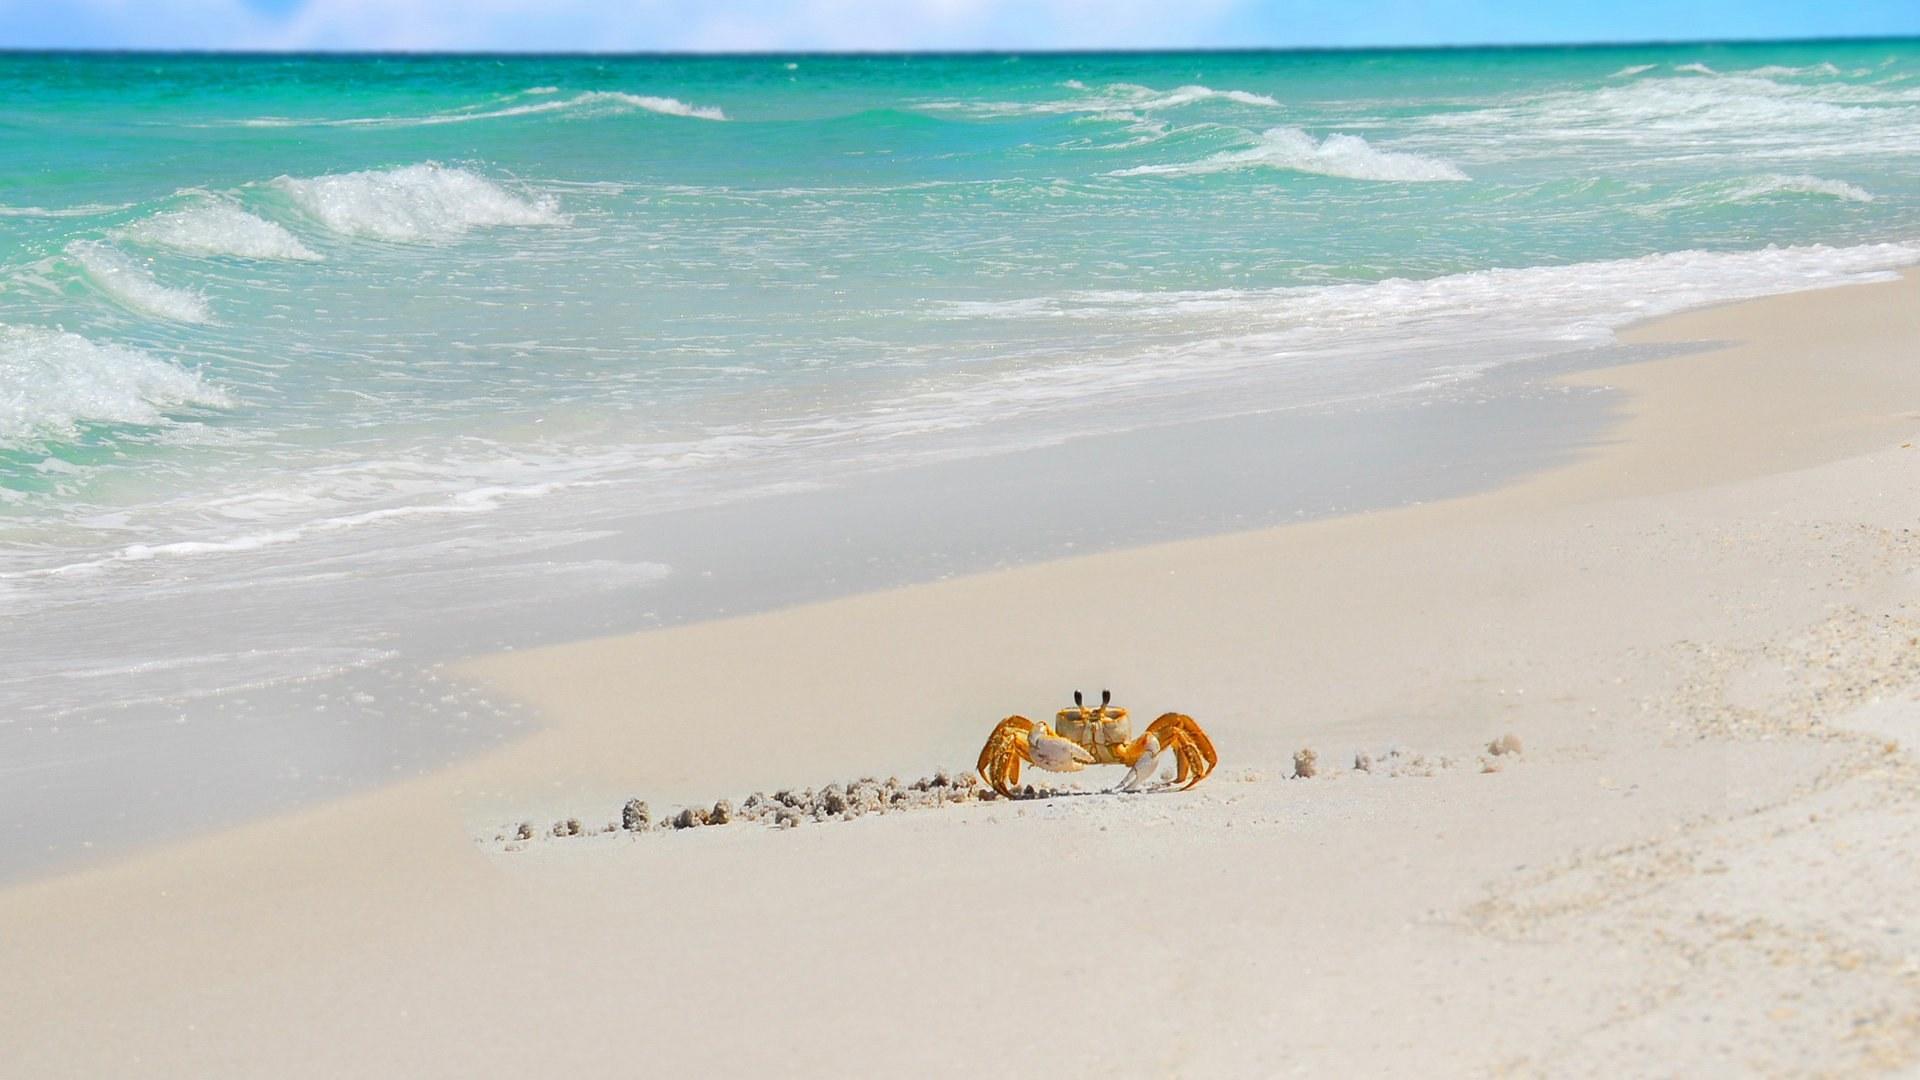 Cangrejo en la playa - 1920x1080